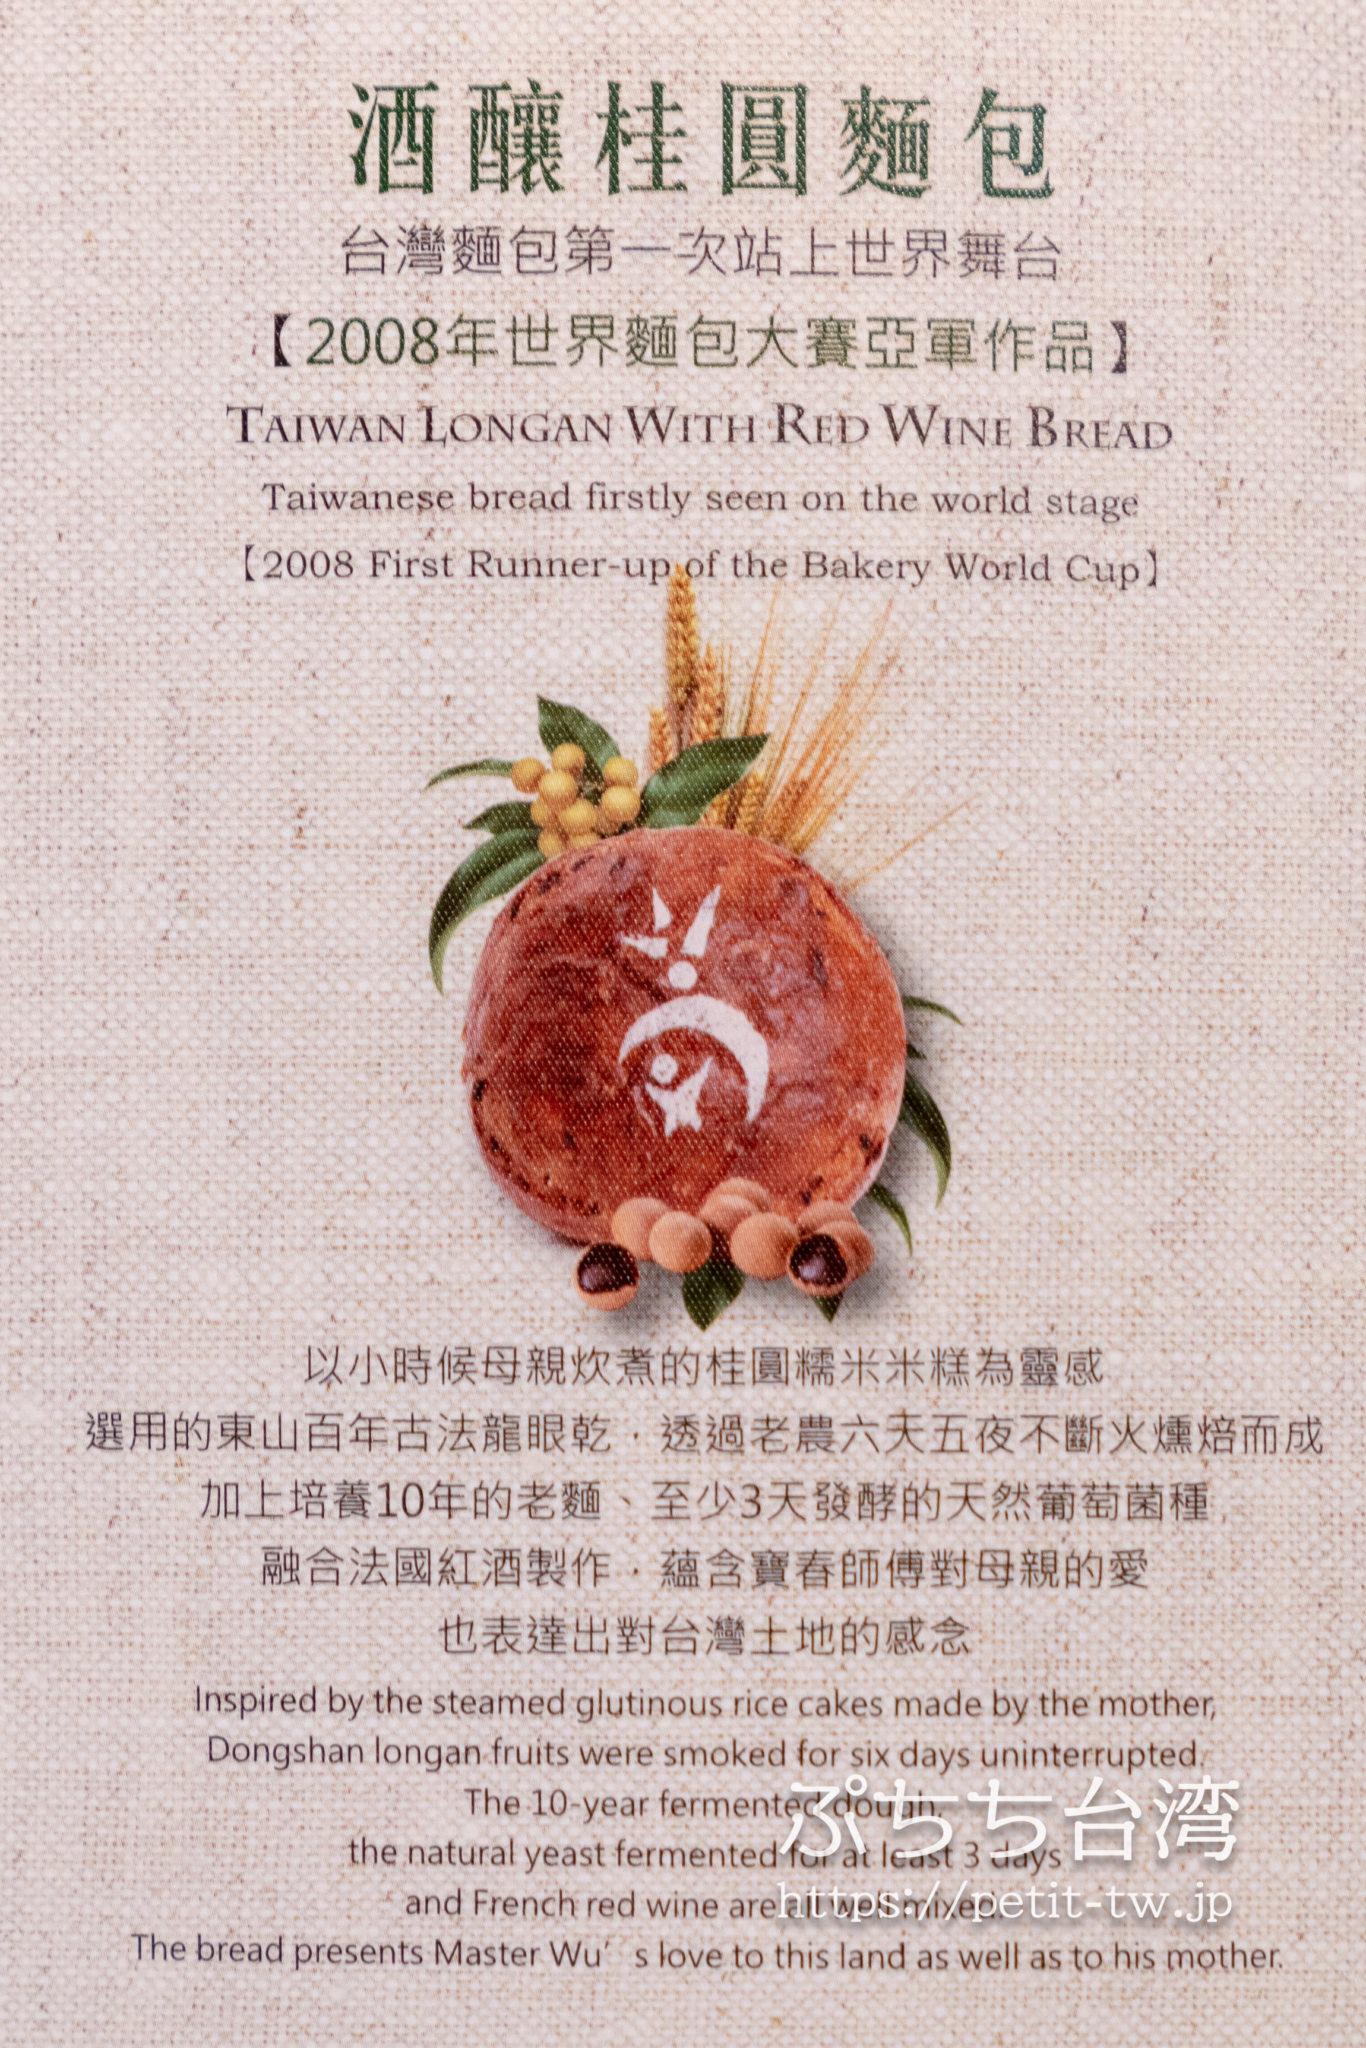 吳寶春麥方店のチャンピオンのパンの酒醸桂圓麺包 Taiwan Longan with Red Wine Bread